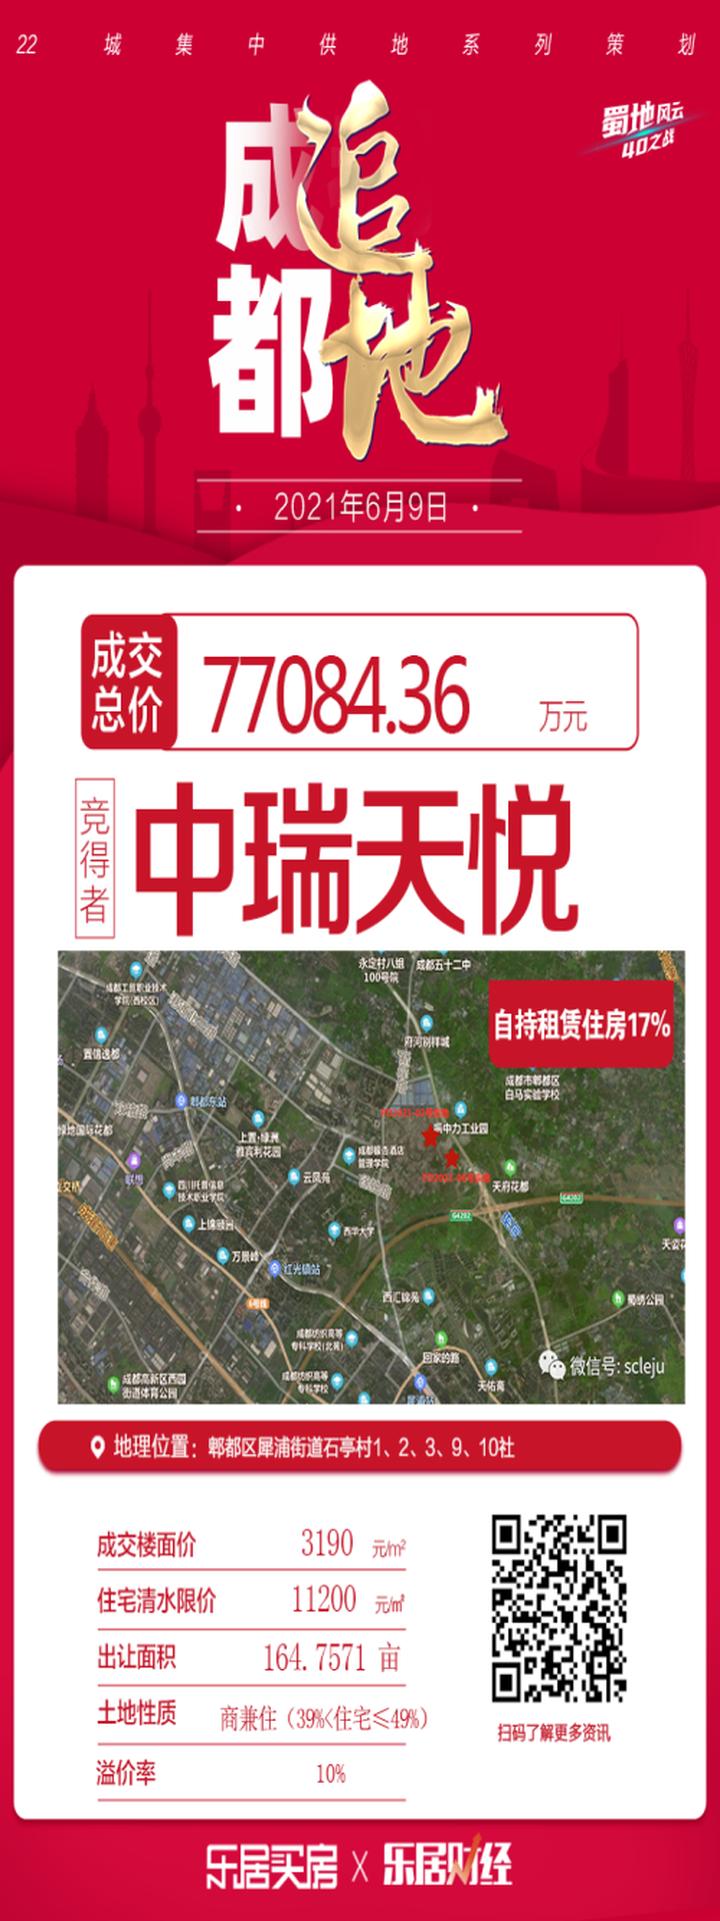 中瑞天悦7.71亿竞得成都犀浦连襟地 溢价率10%